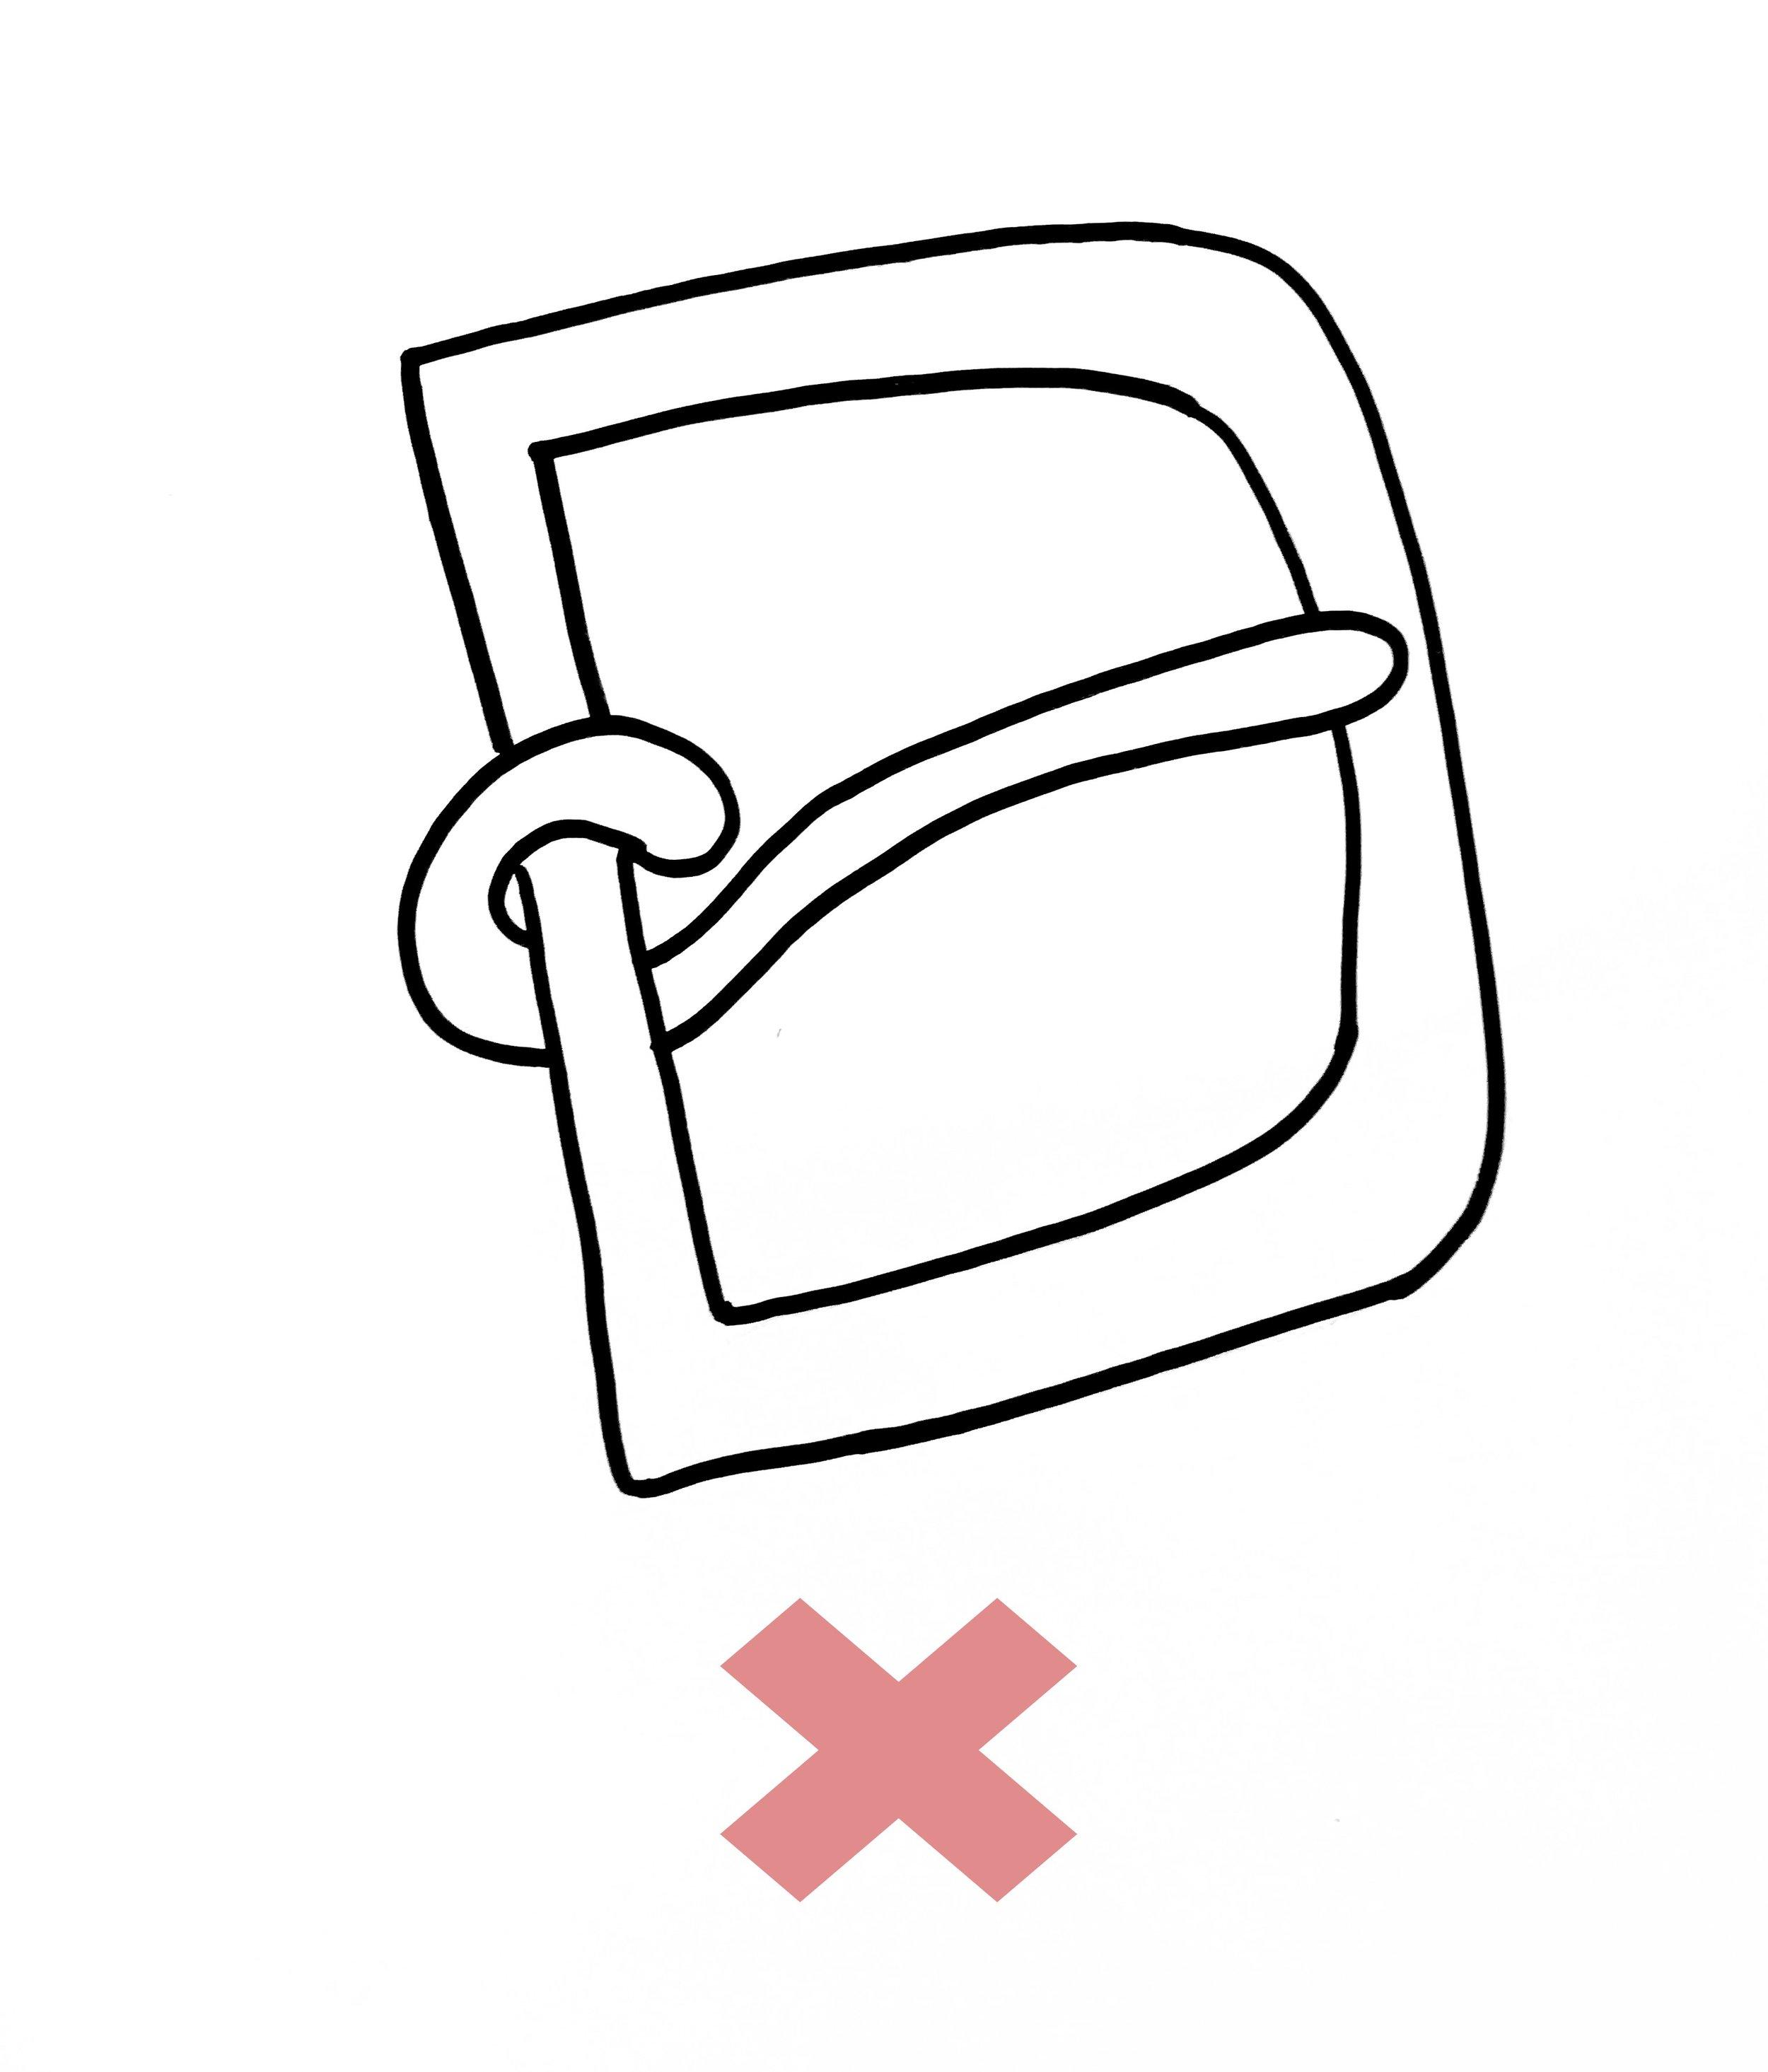 buckle no.jpg